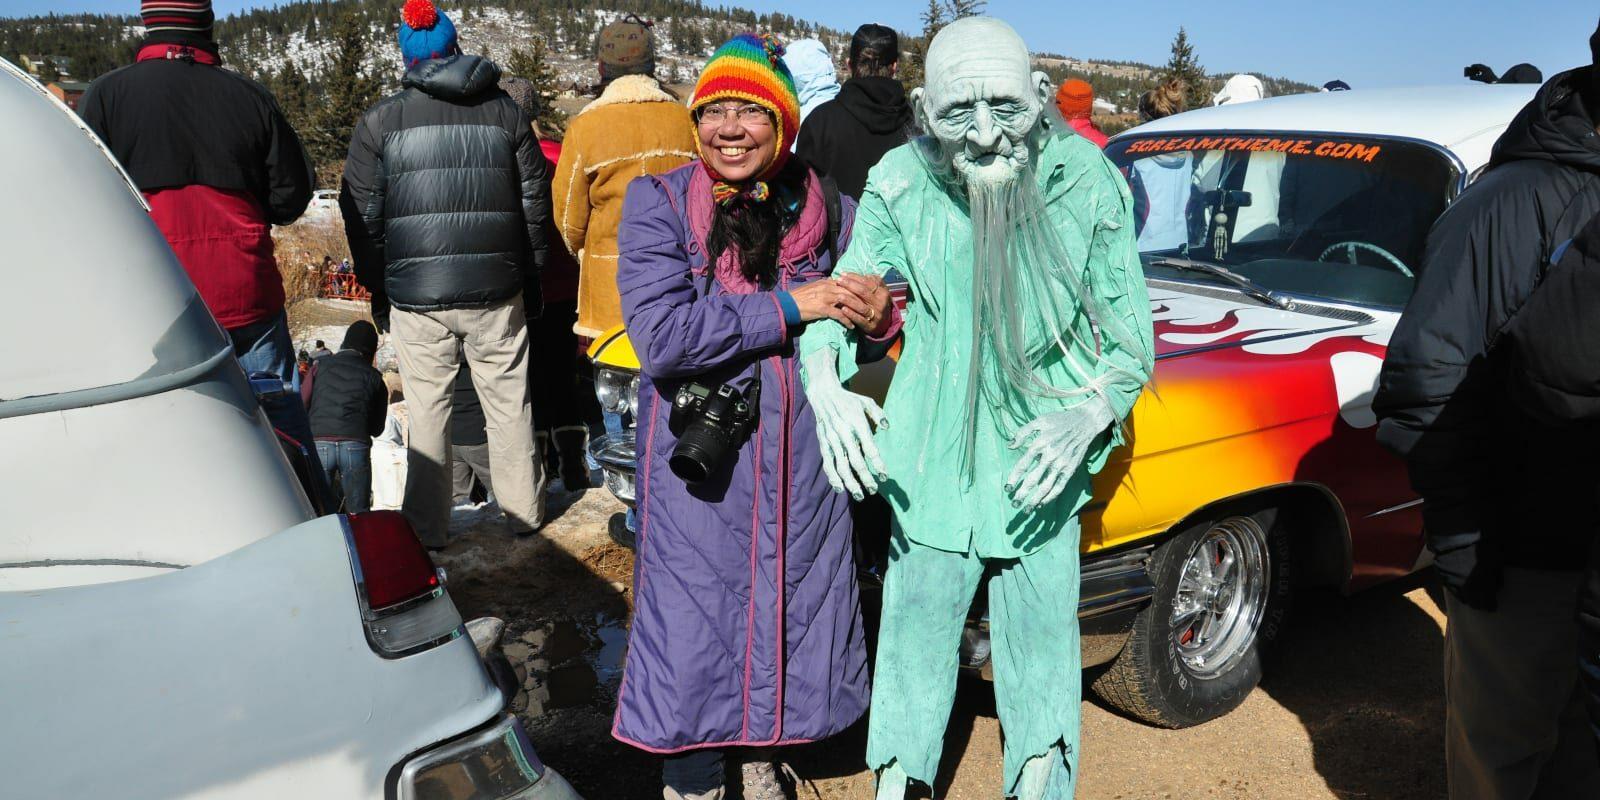 Frozen Dead Guy Days, Colorado